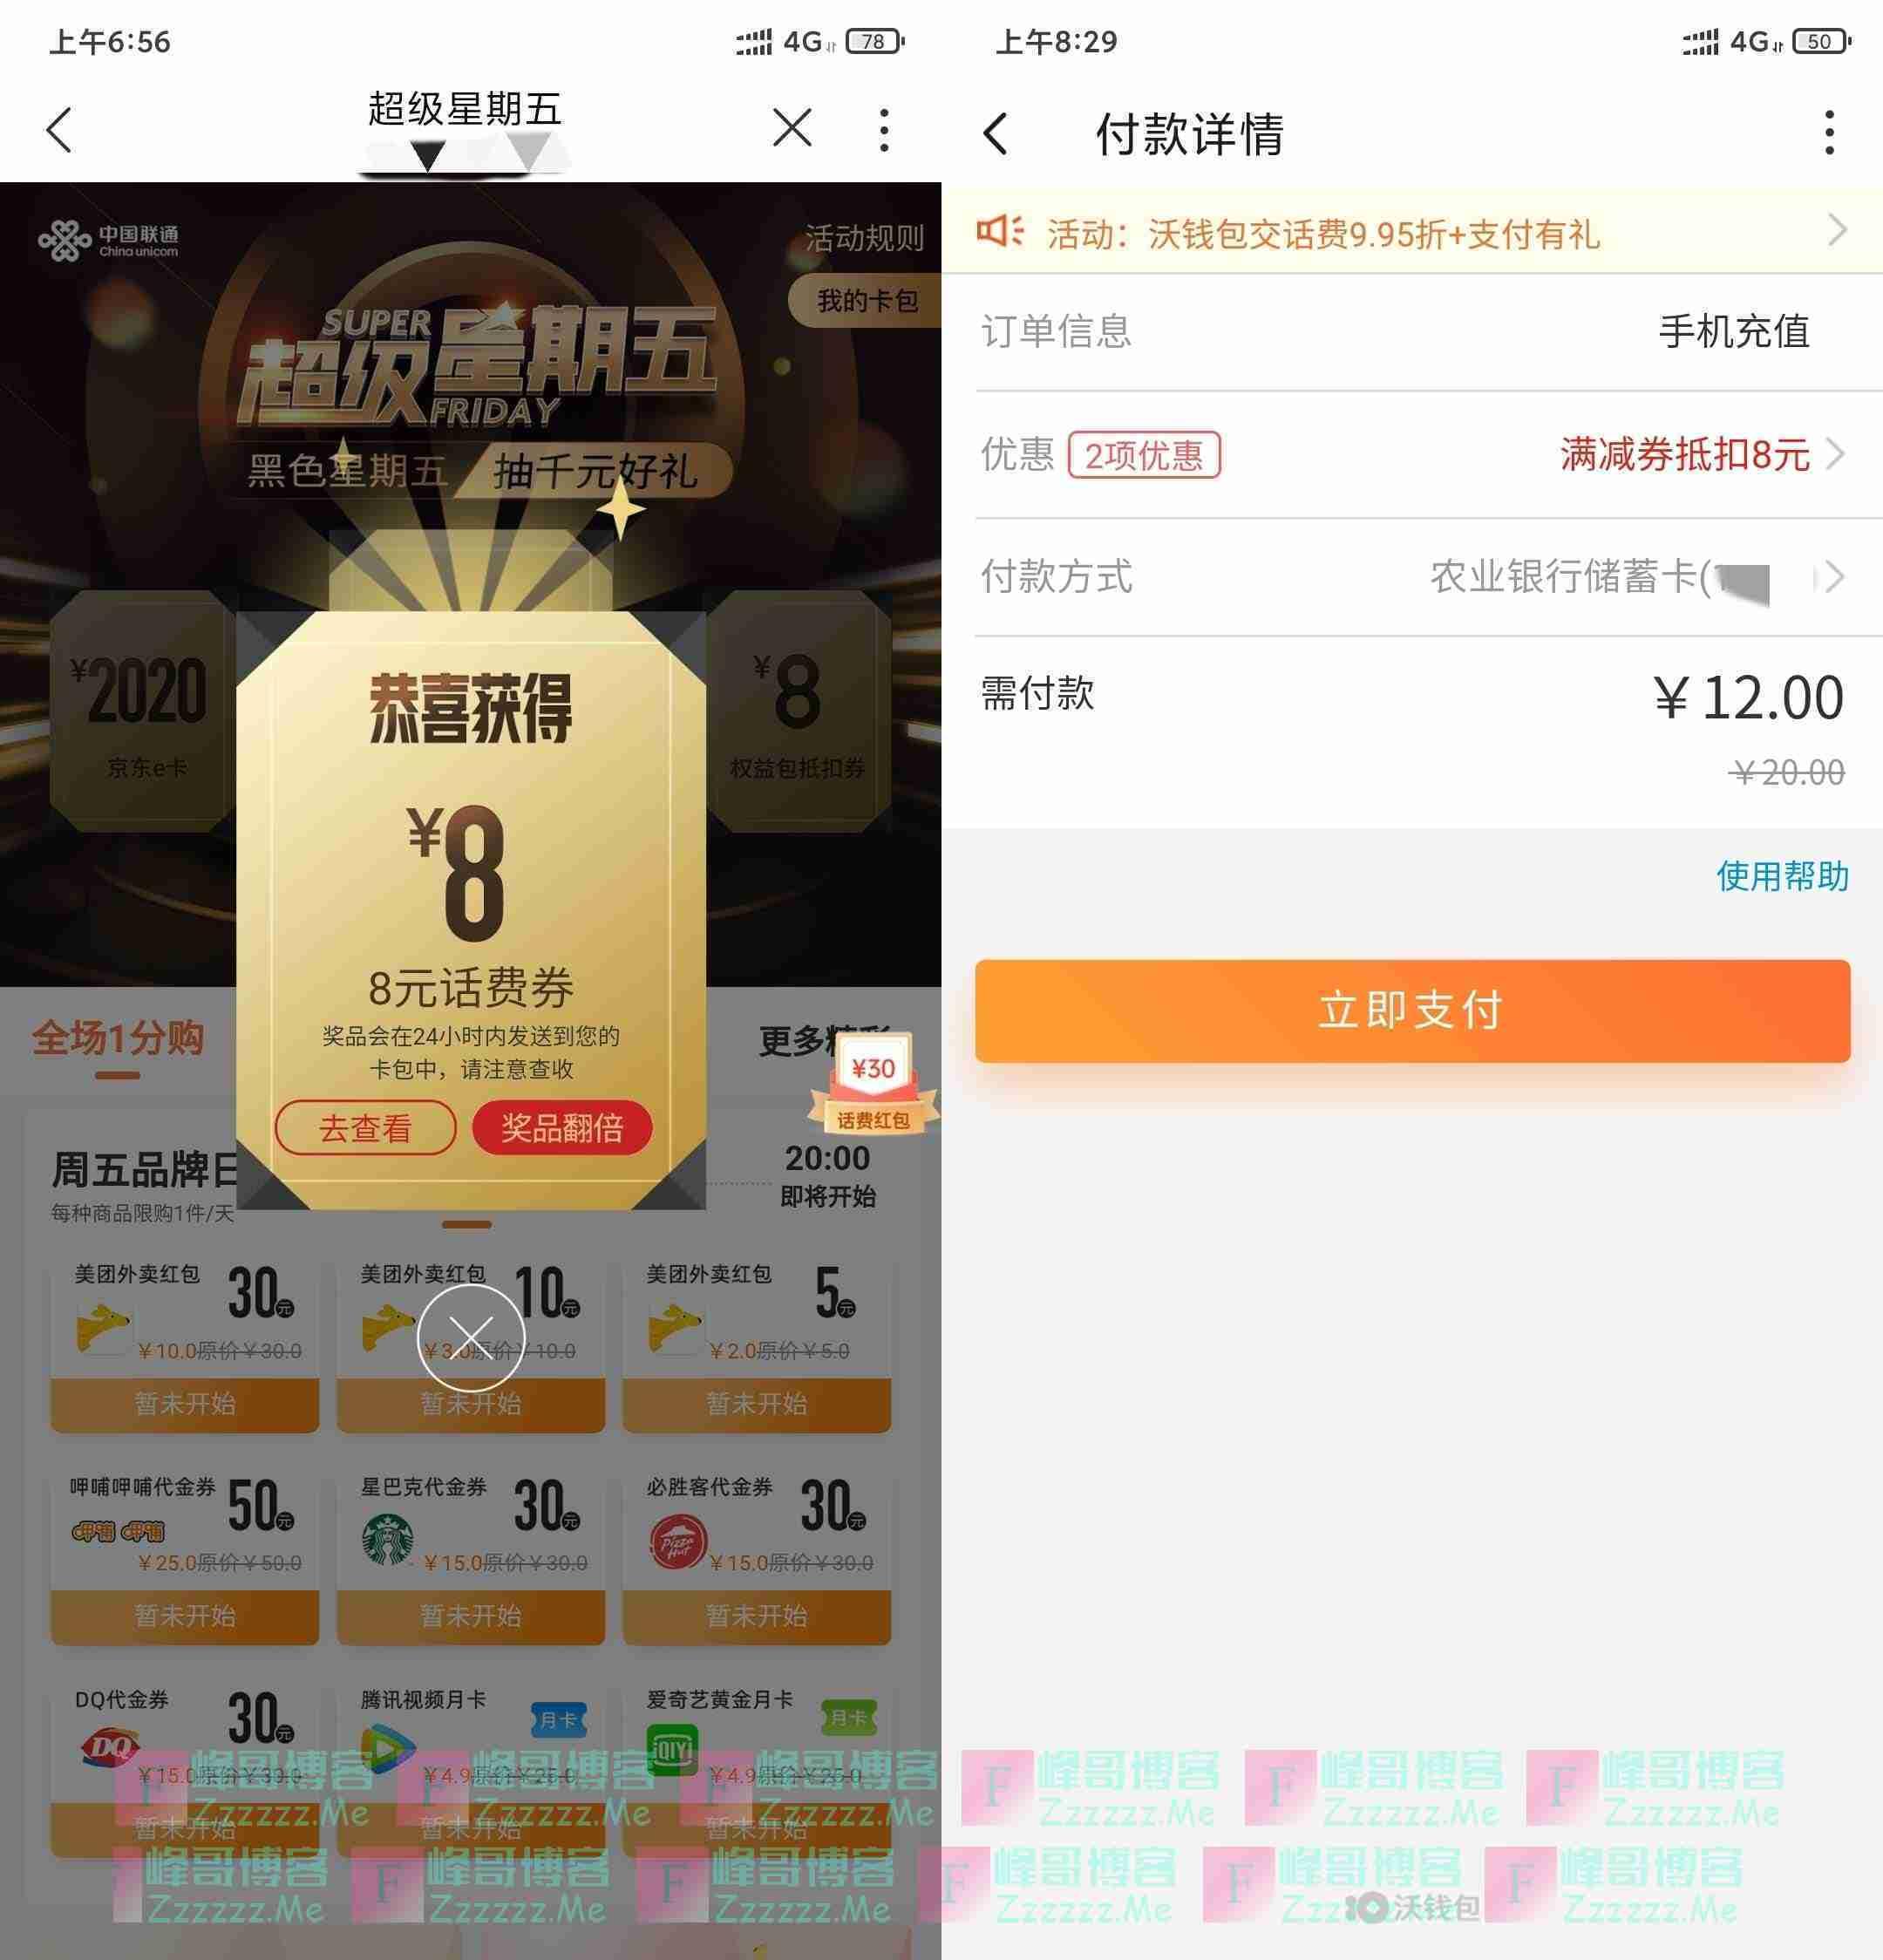 中国联通超级星期五免费领20-8元话费抵扣券